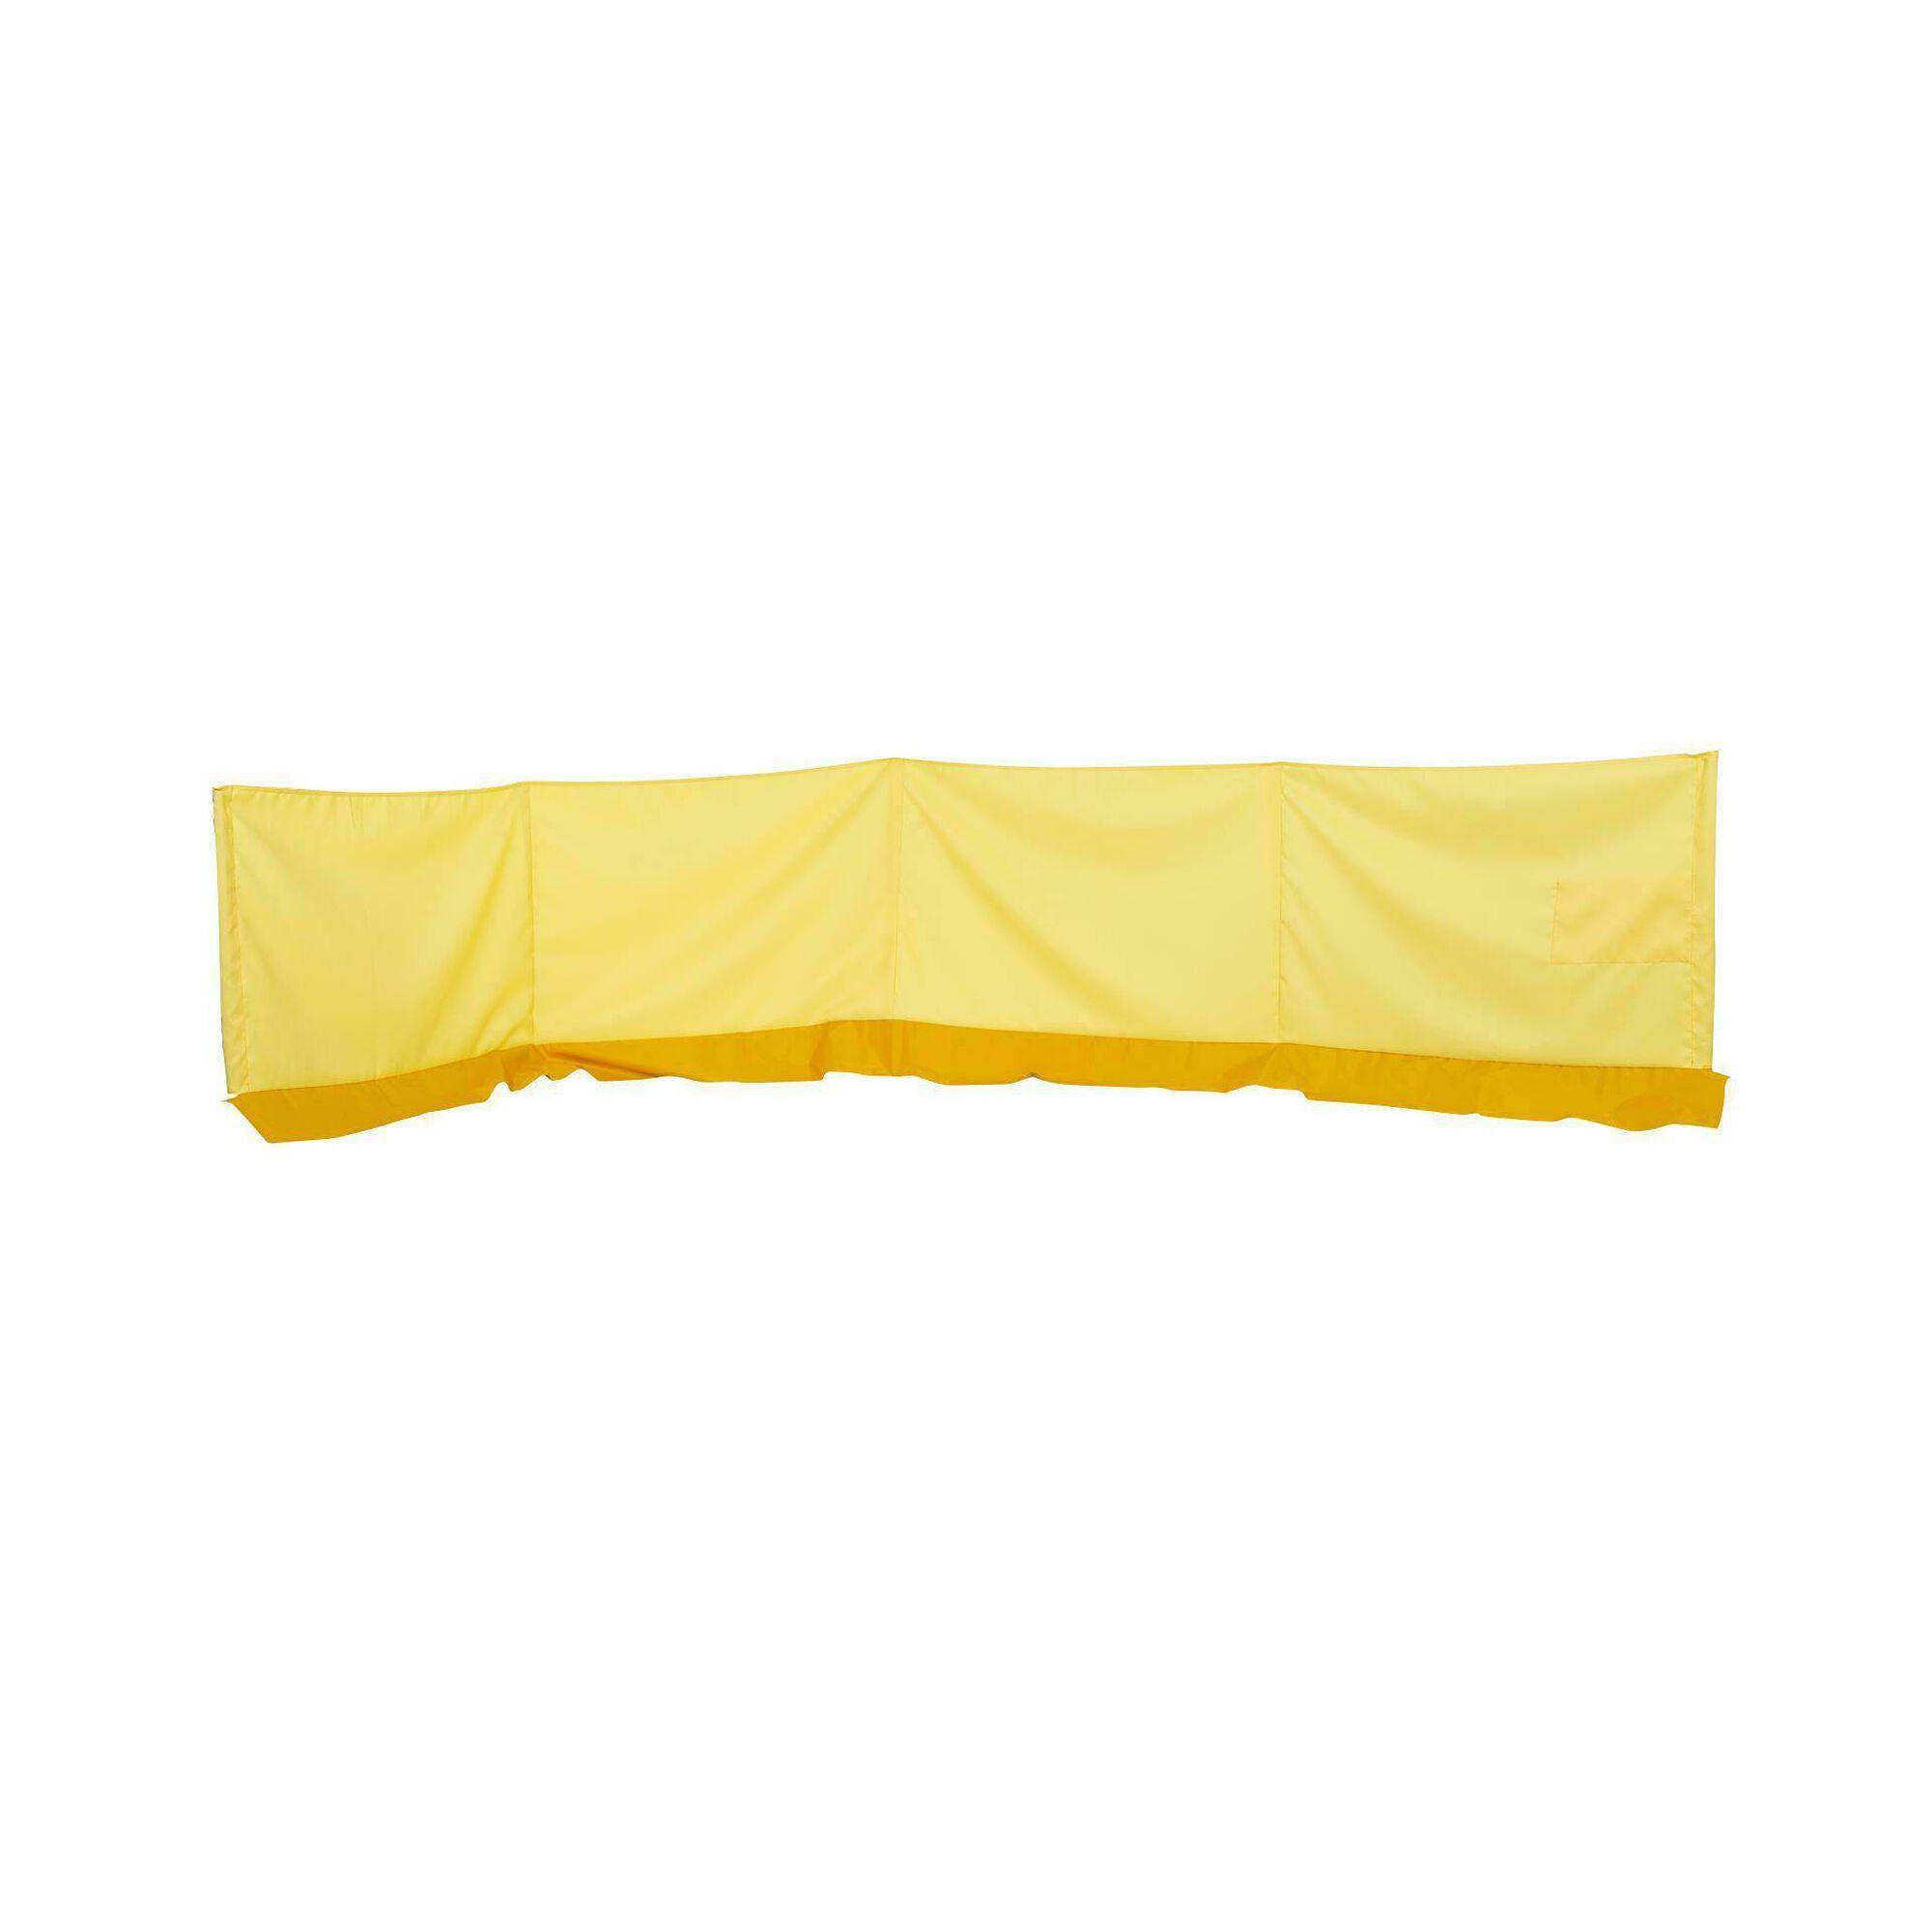 Para-vento 5 Paus Amarelo